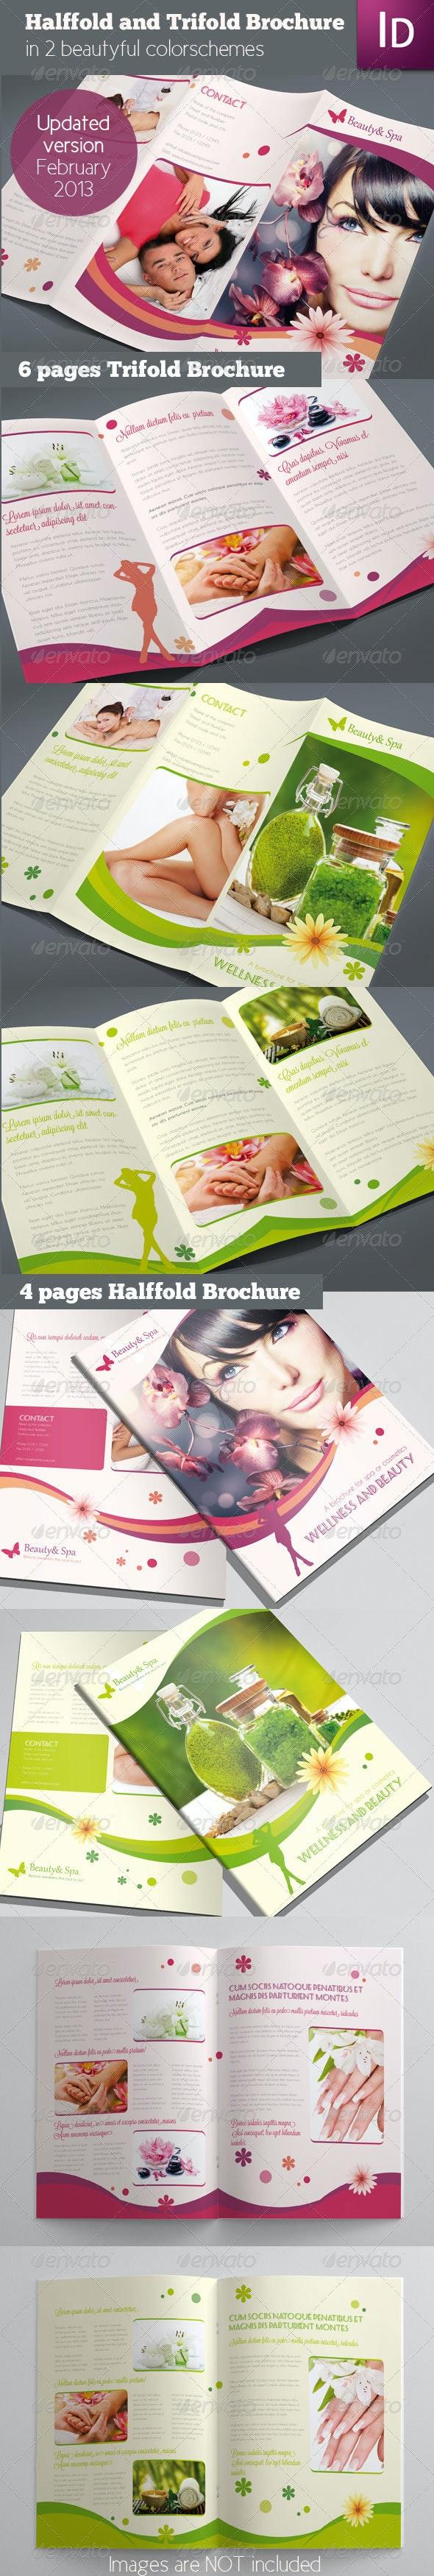 Set of 2 Brochures - Corporate Brochures